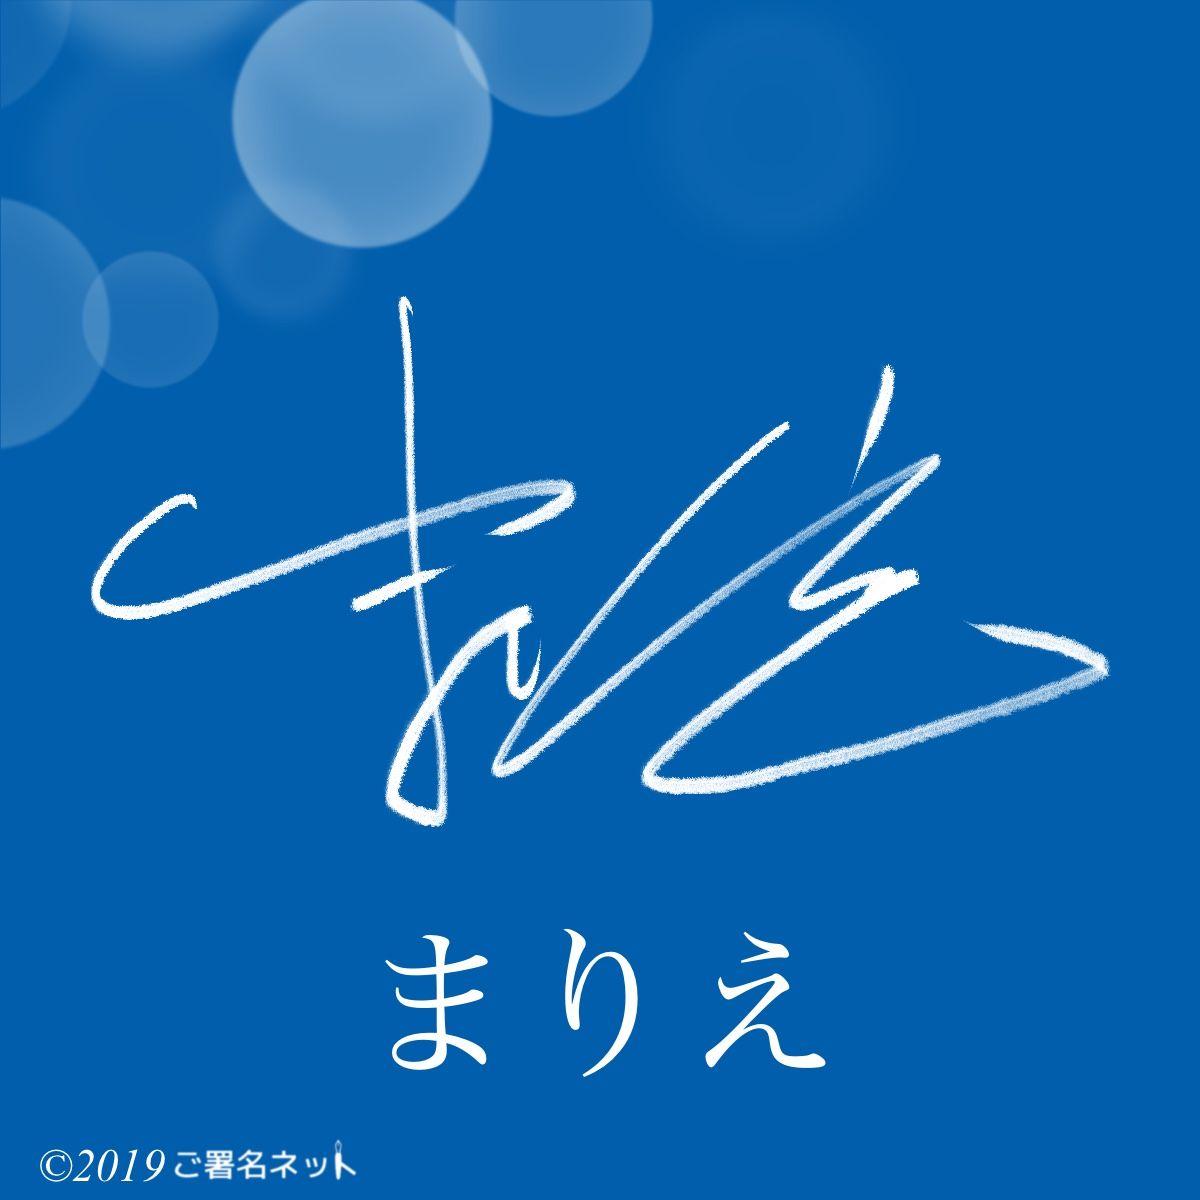 アルファベットにも見えるサイン 英語 サイン サイン ロゴマーク